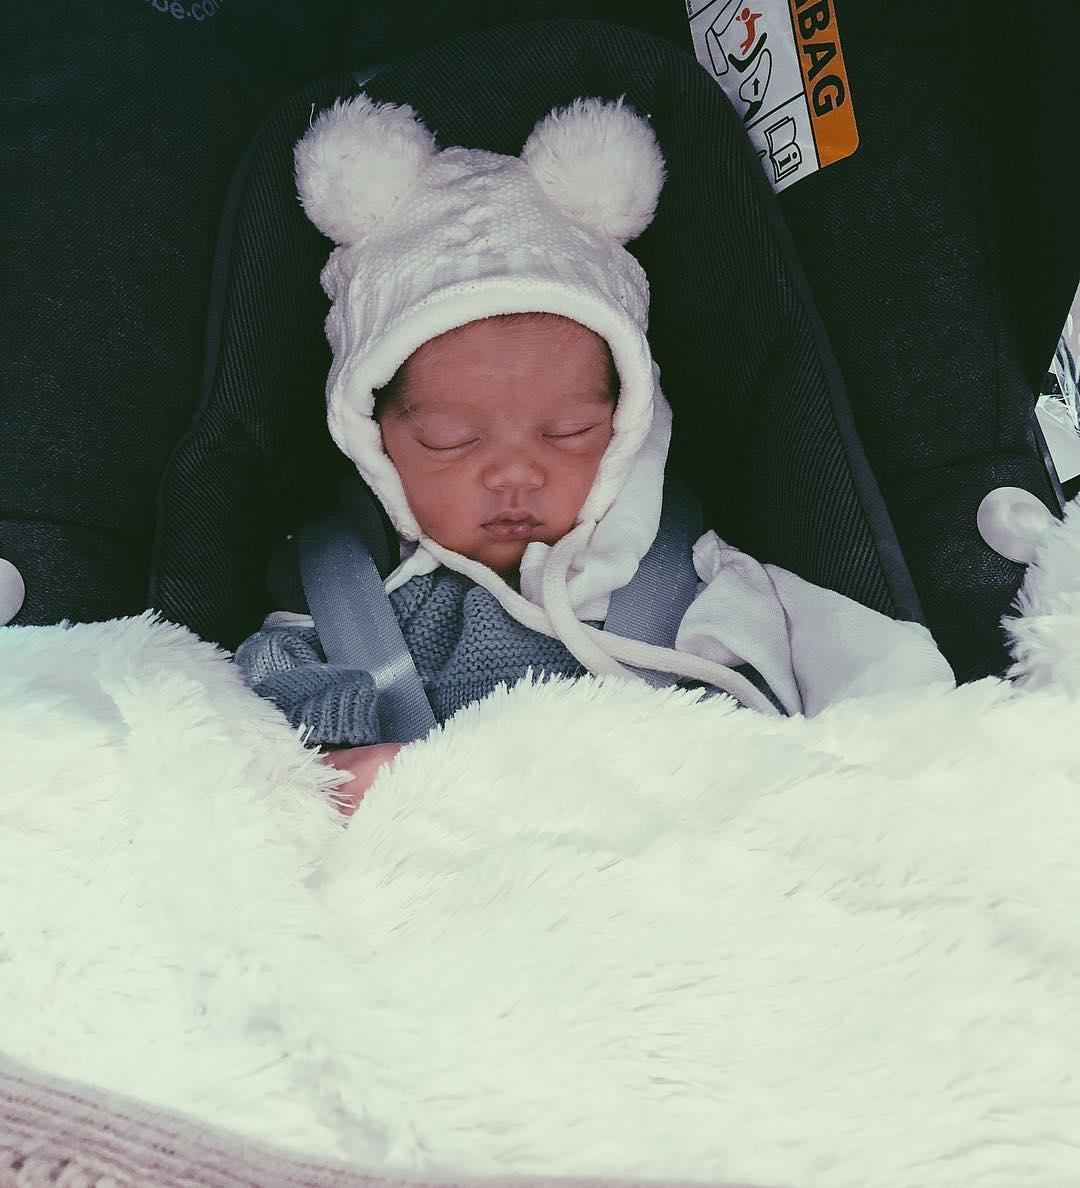 Carolina Deslandes Guilherme 1 Carolina Deslandes Encanta Fãs Com Nova Foto Do Bebé